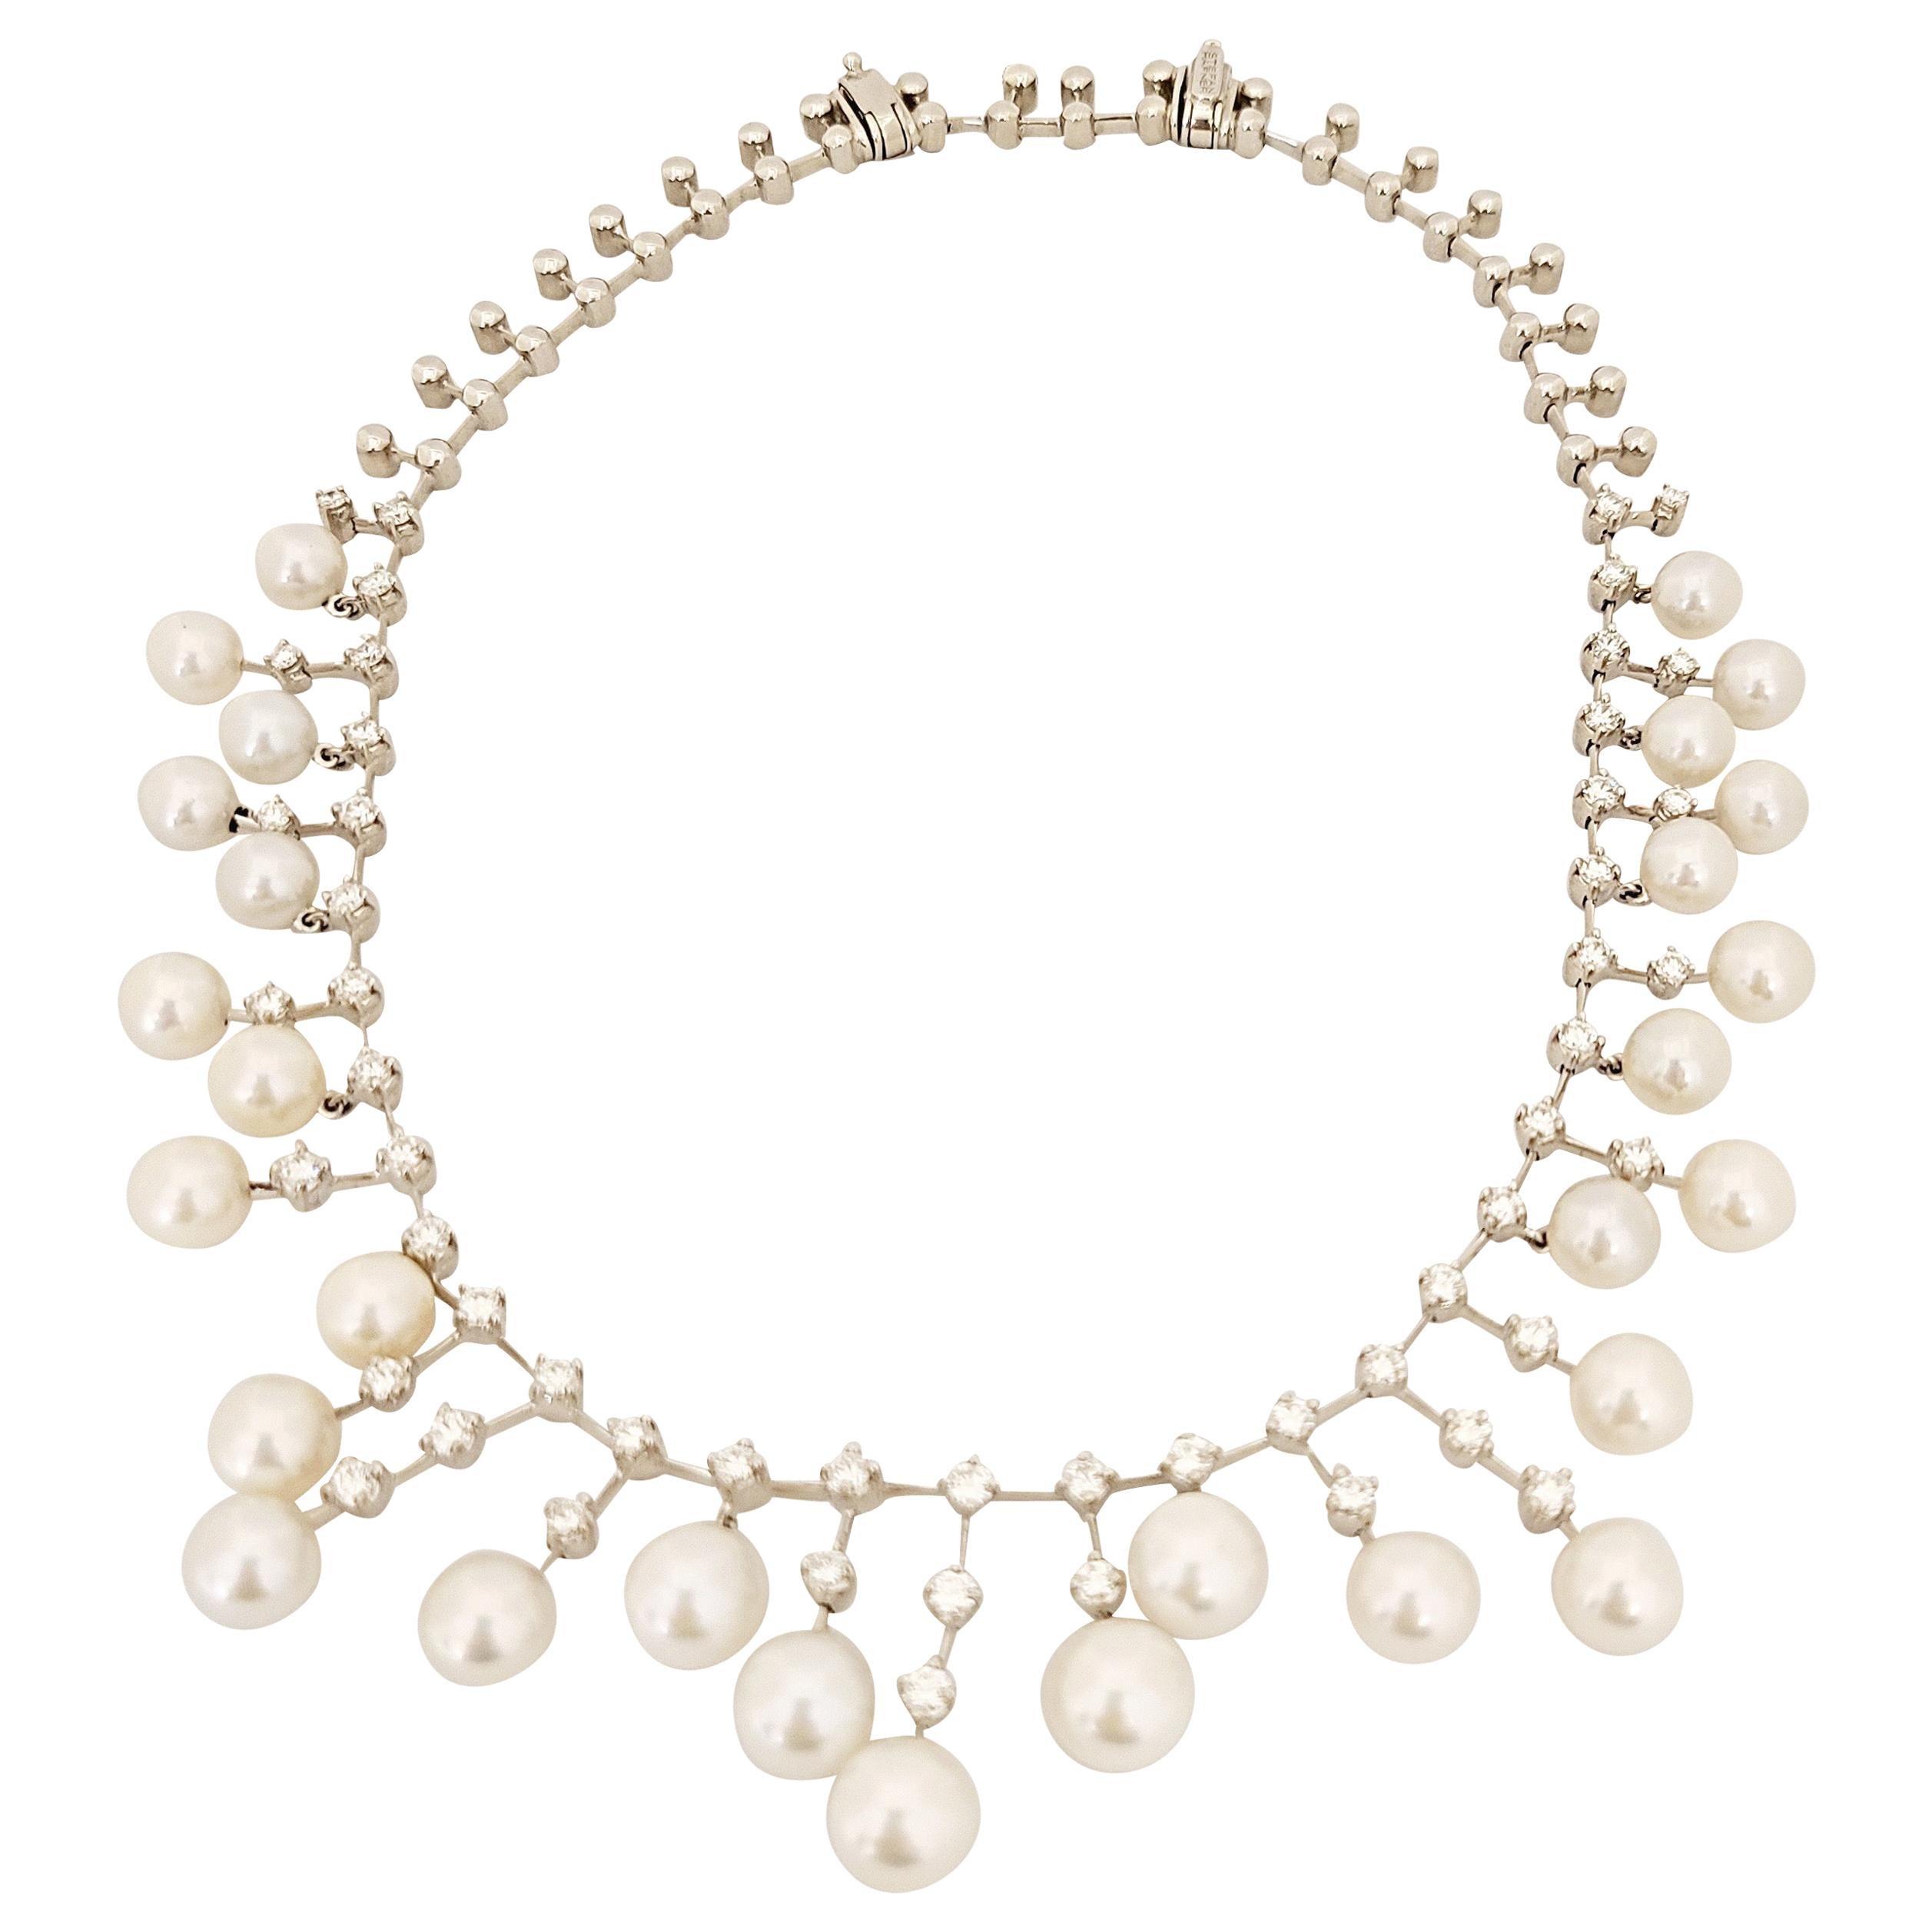 Stefan Hafner Choker Necklaces